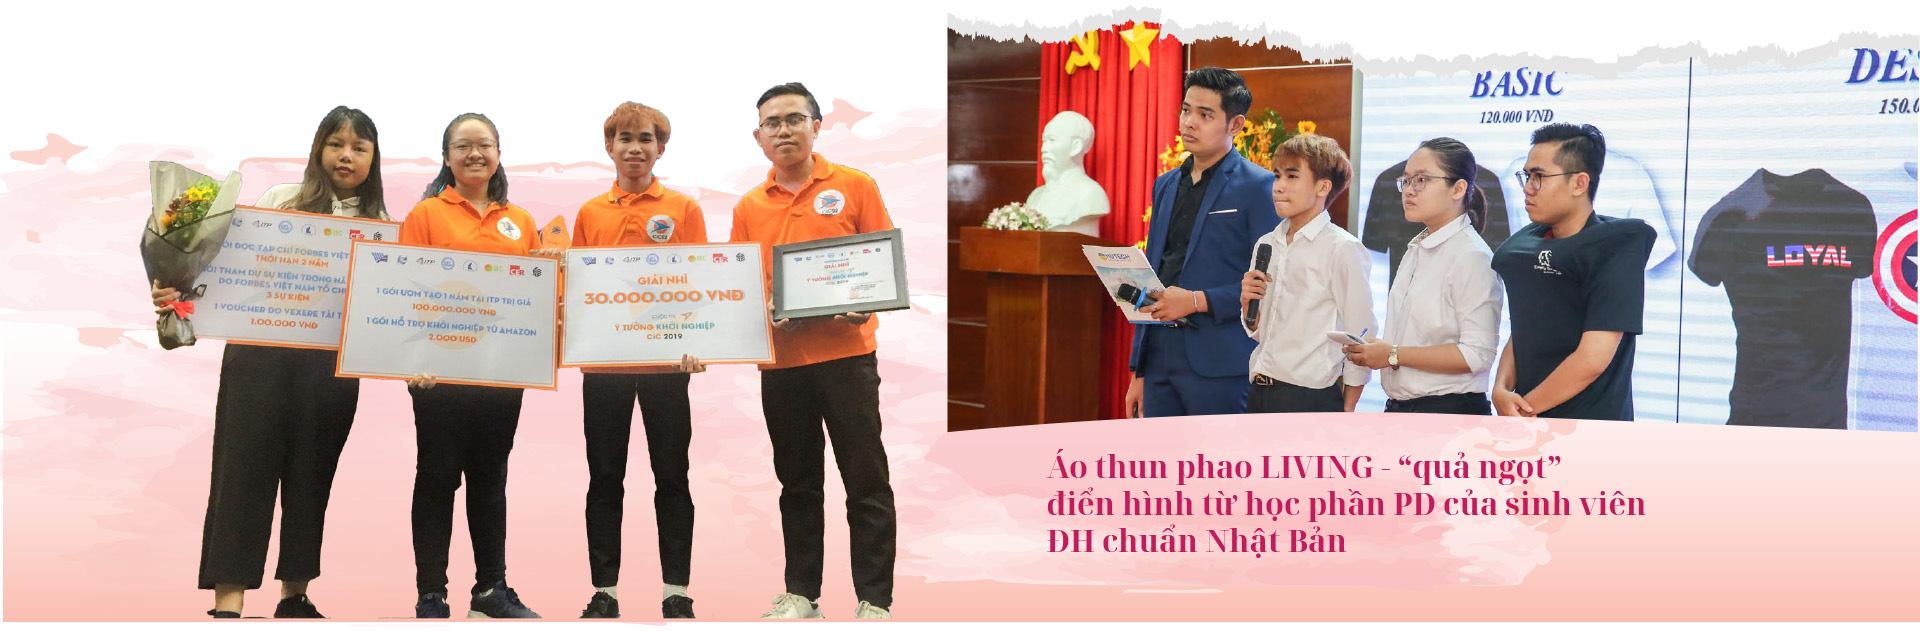 Bản sắc Việt & tác phong Nhật: Giá trị chương trình Đại học chuẩn Nhật Bản - Ảnh 7.